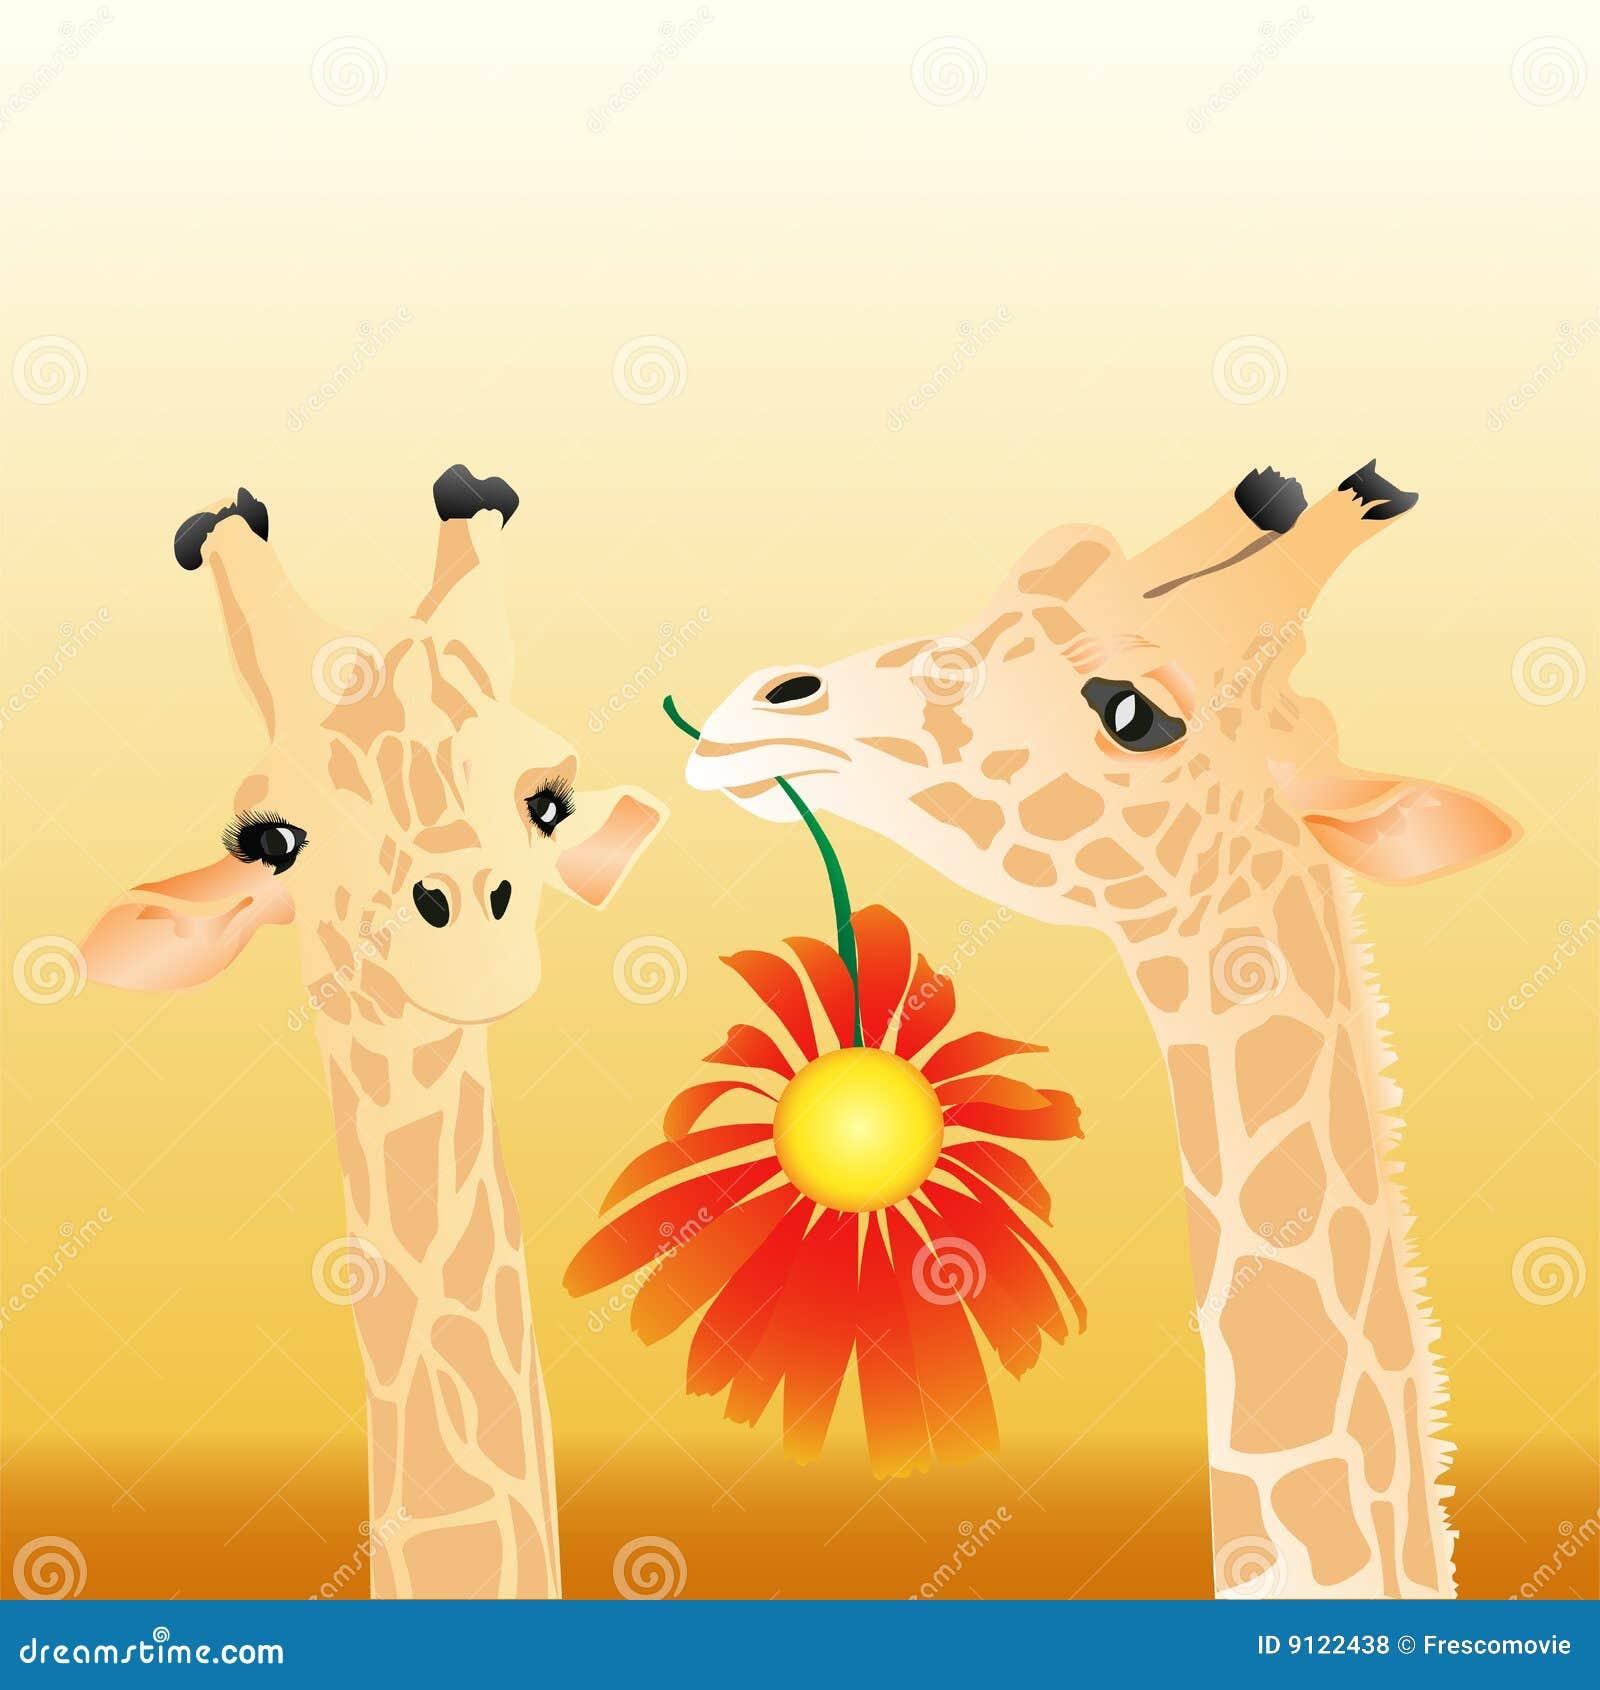 Картинка с жирафом и надписью, 101